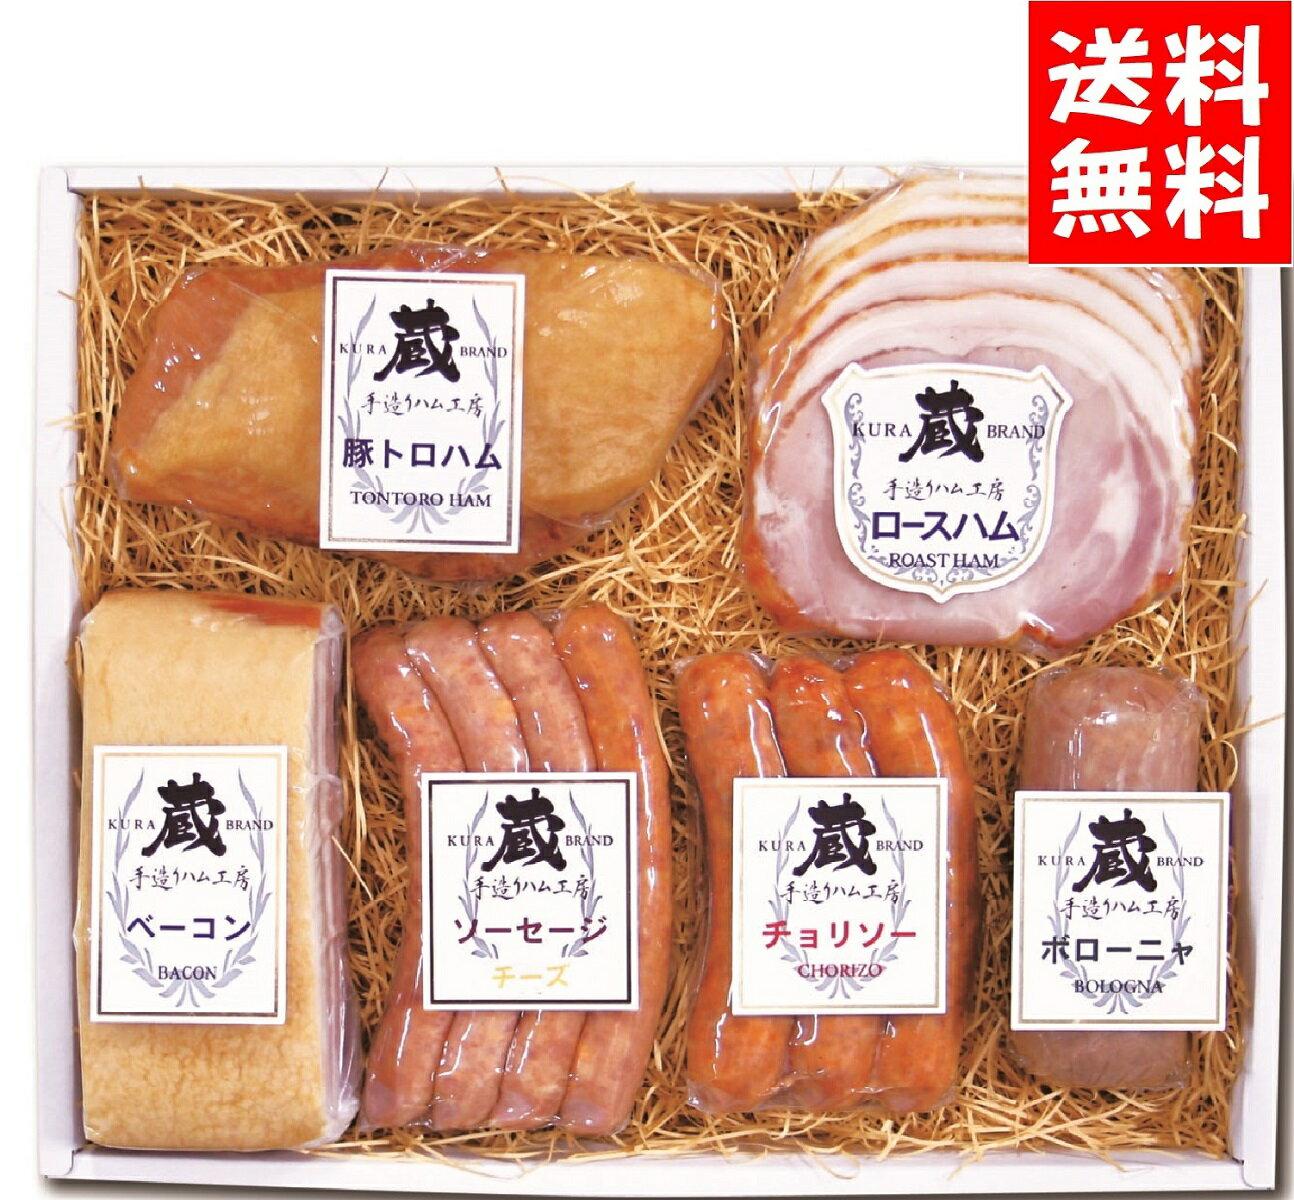 手造りハム工房蔵A10ベーコン・豚トロ・3種ソーセージ・ロースハムセレクション